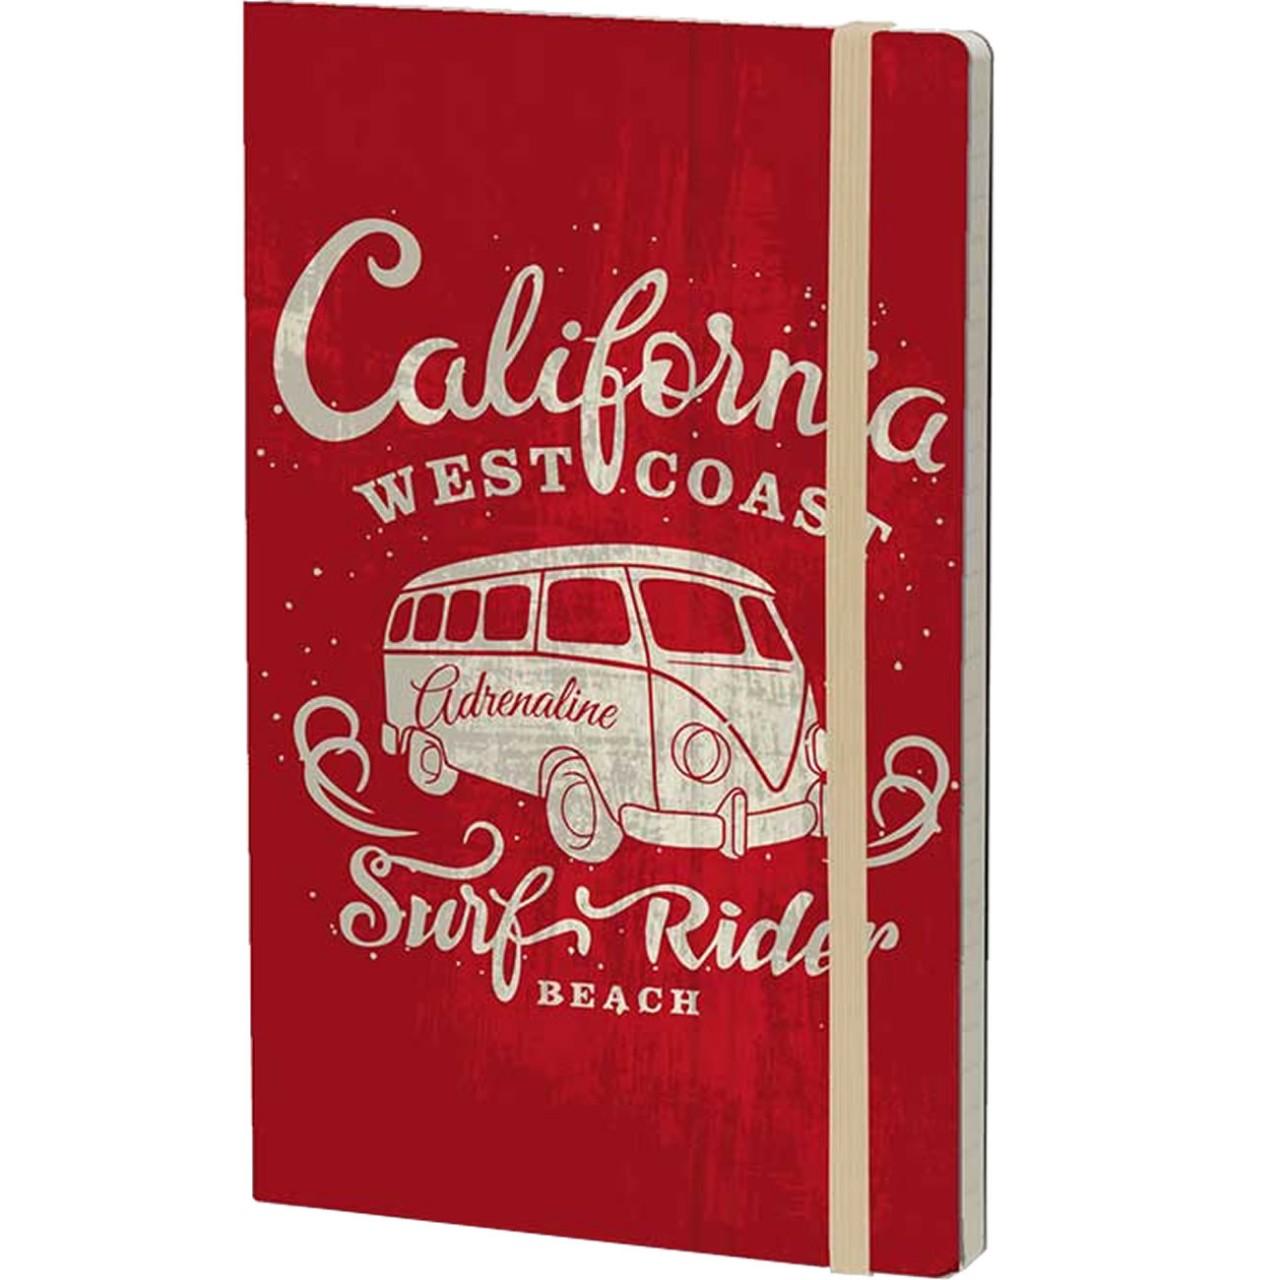 Stifflexible Notizbuch VINTAGE SURFING (California) 13 x 21 cm 192 S., RED